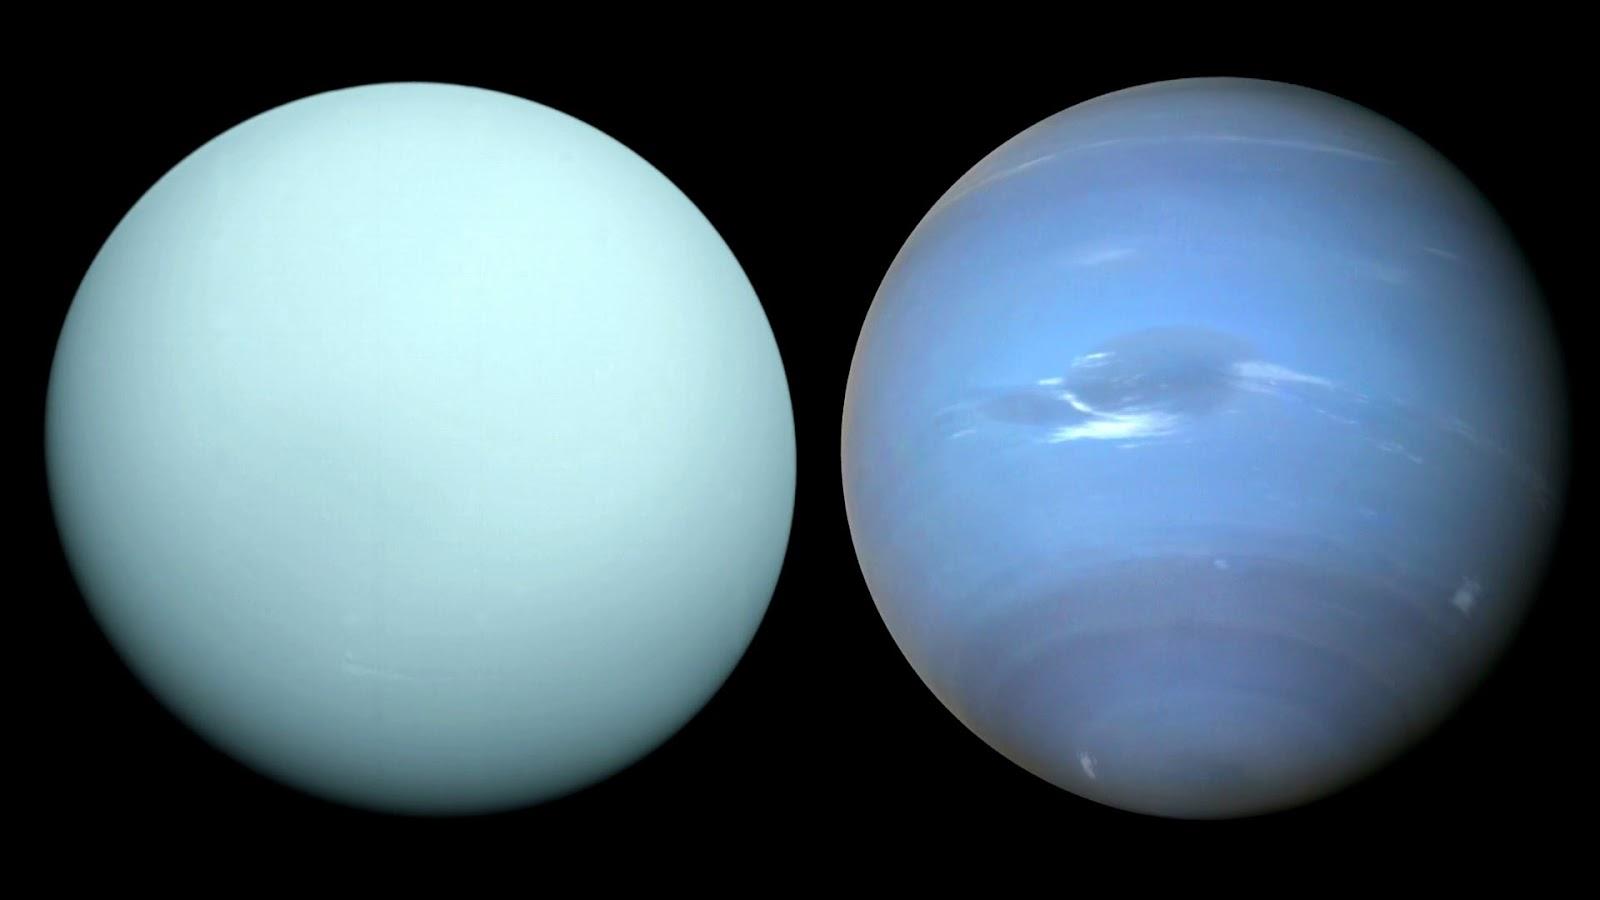 neptune like ice giant - photo #17